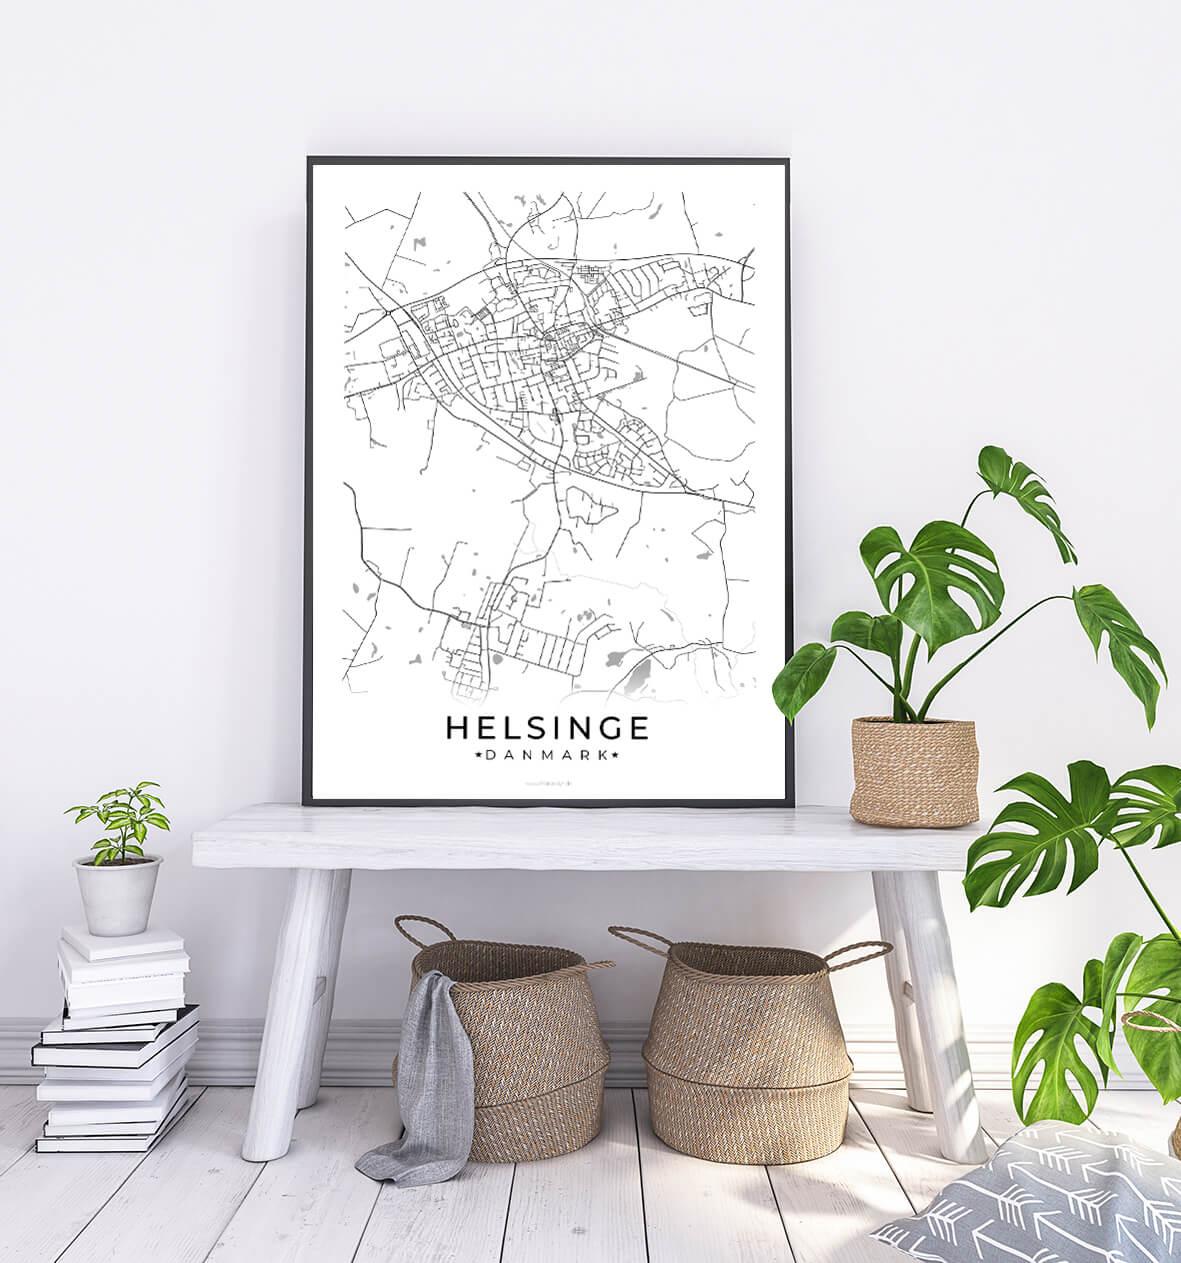 Helsinge-hvid-byplakat-1